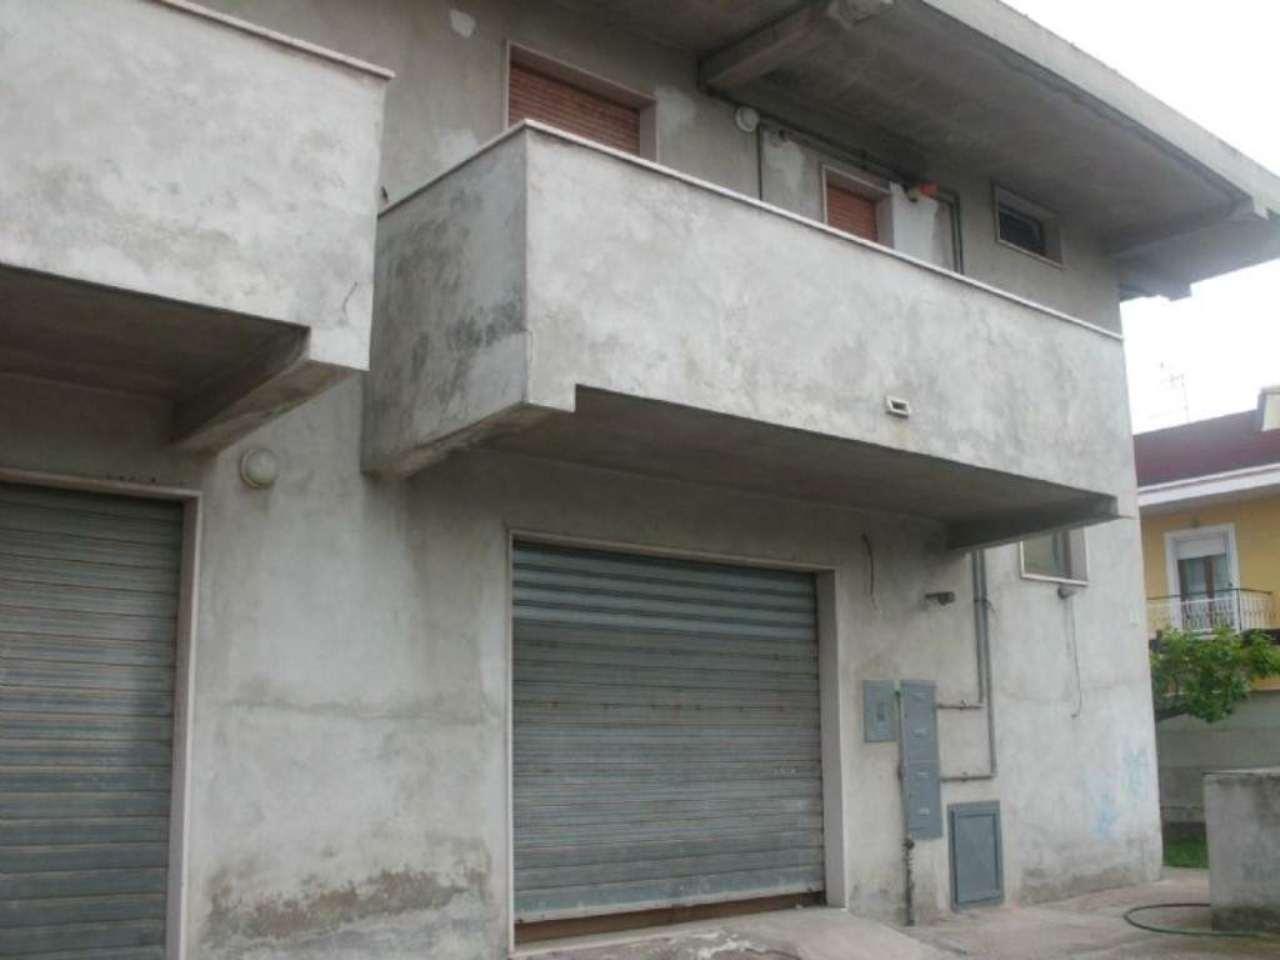 Negozio / Locale in affitto a Montesilvano, 2 locali, prezzo € 700 | CambioCasa.it